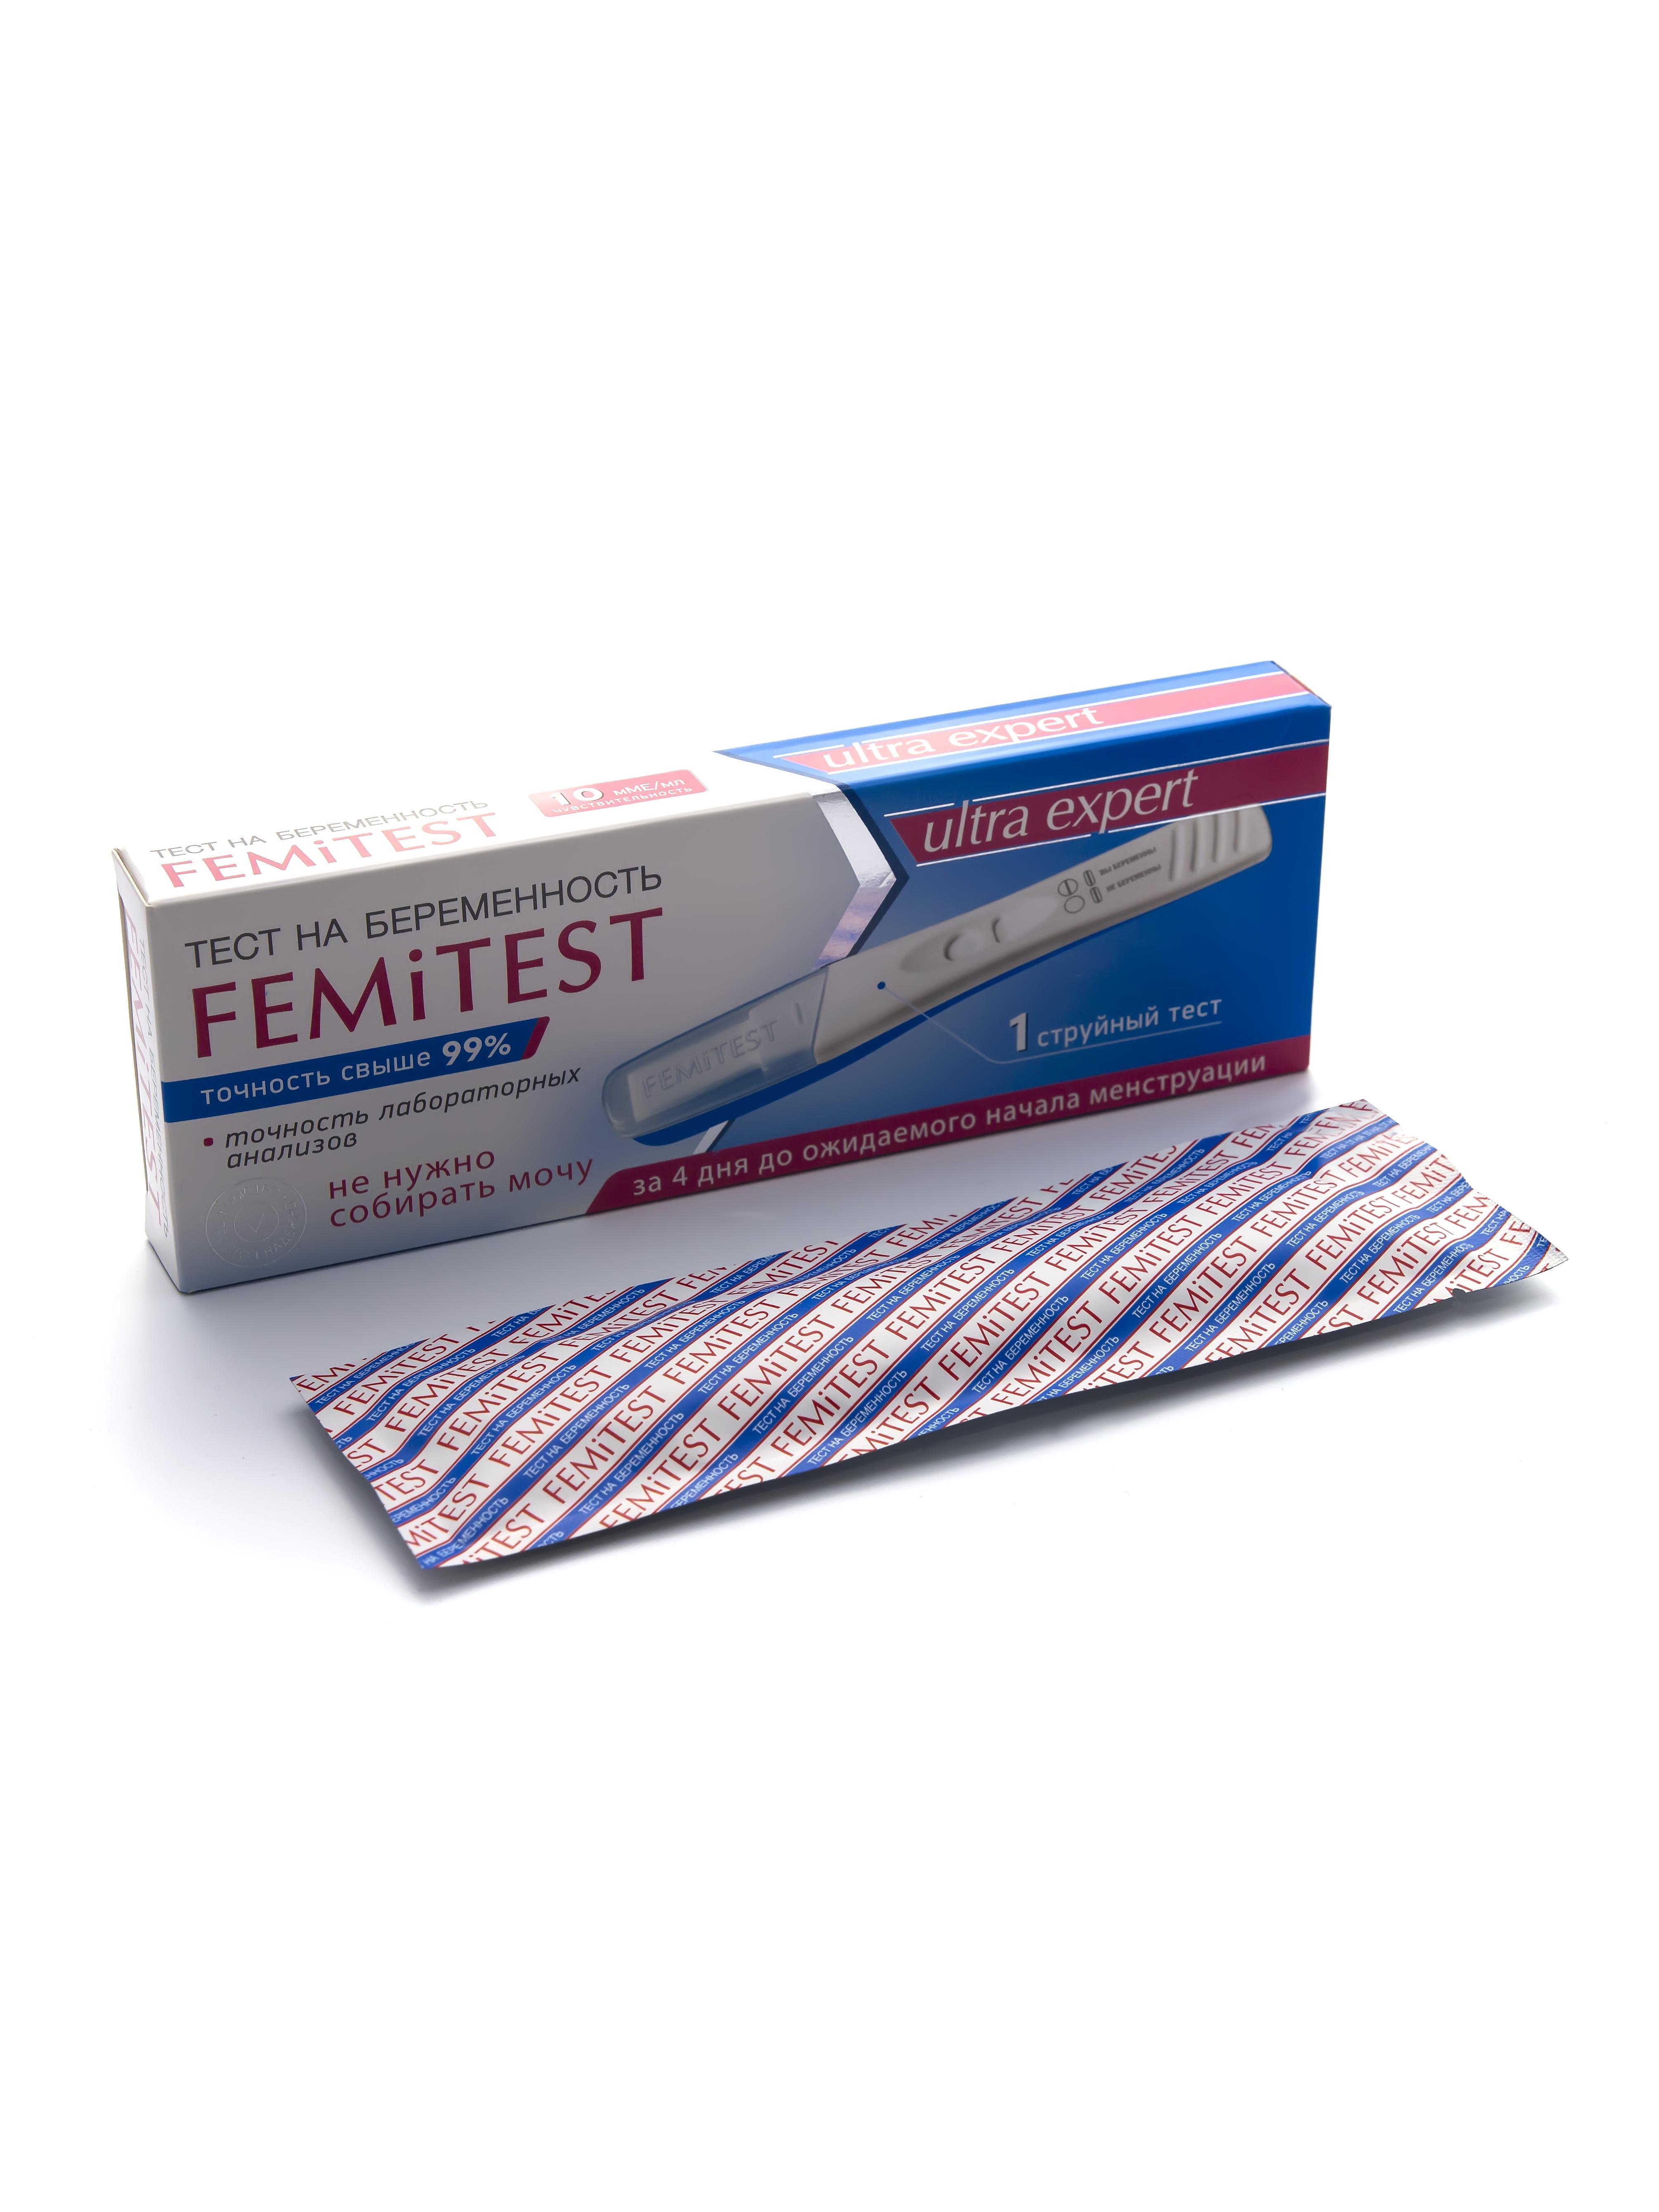 Тест FEMiTEST Ultra Expert для определения беременности